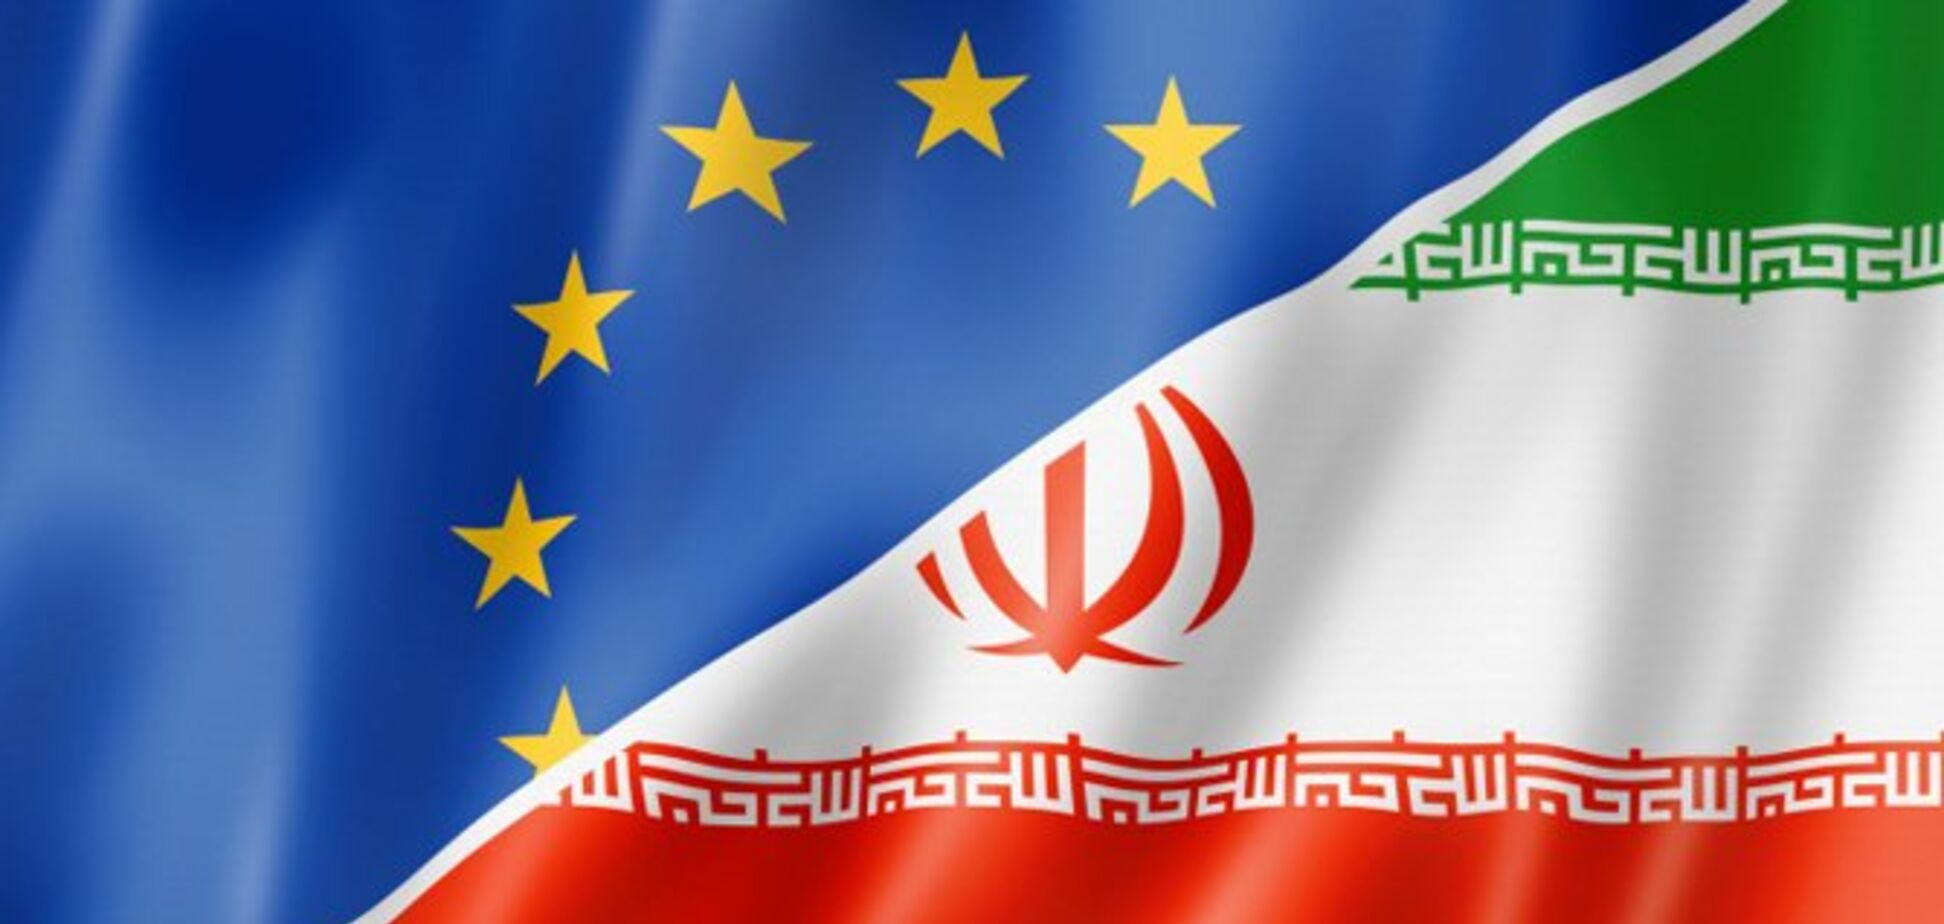 В ЕС придумали дерзкий способ обхода санкций США